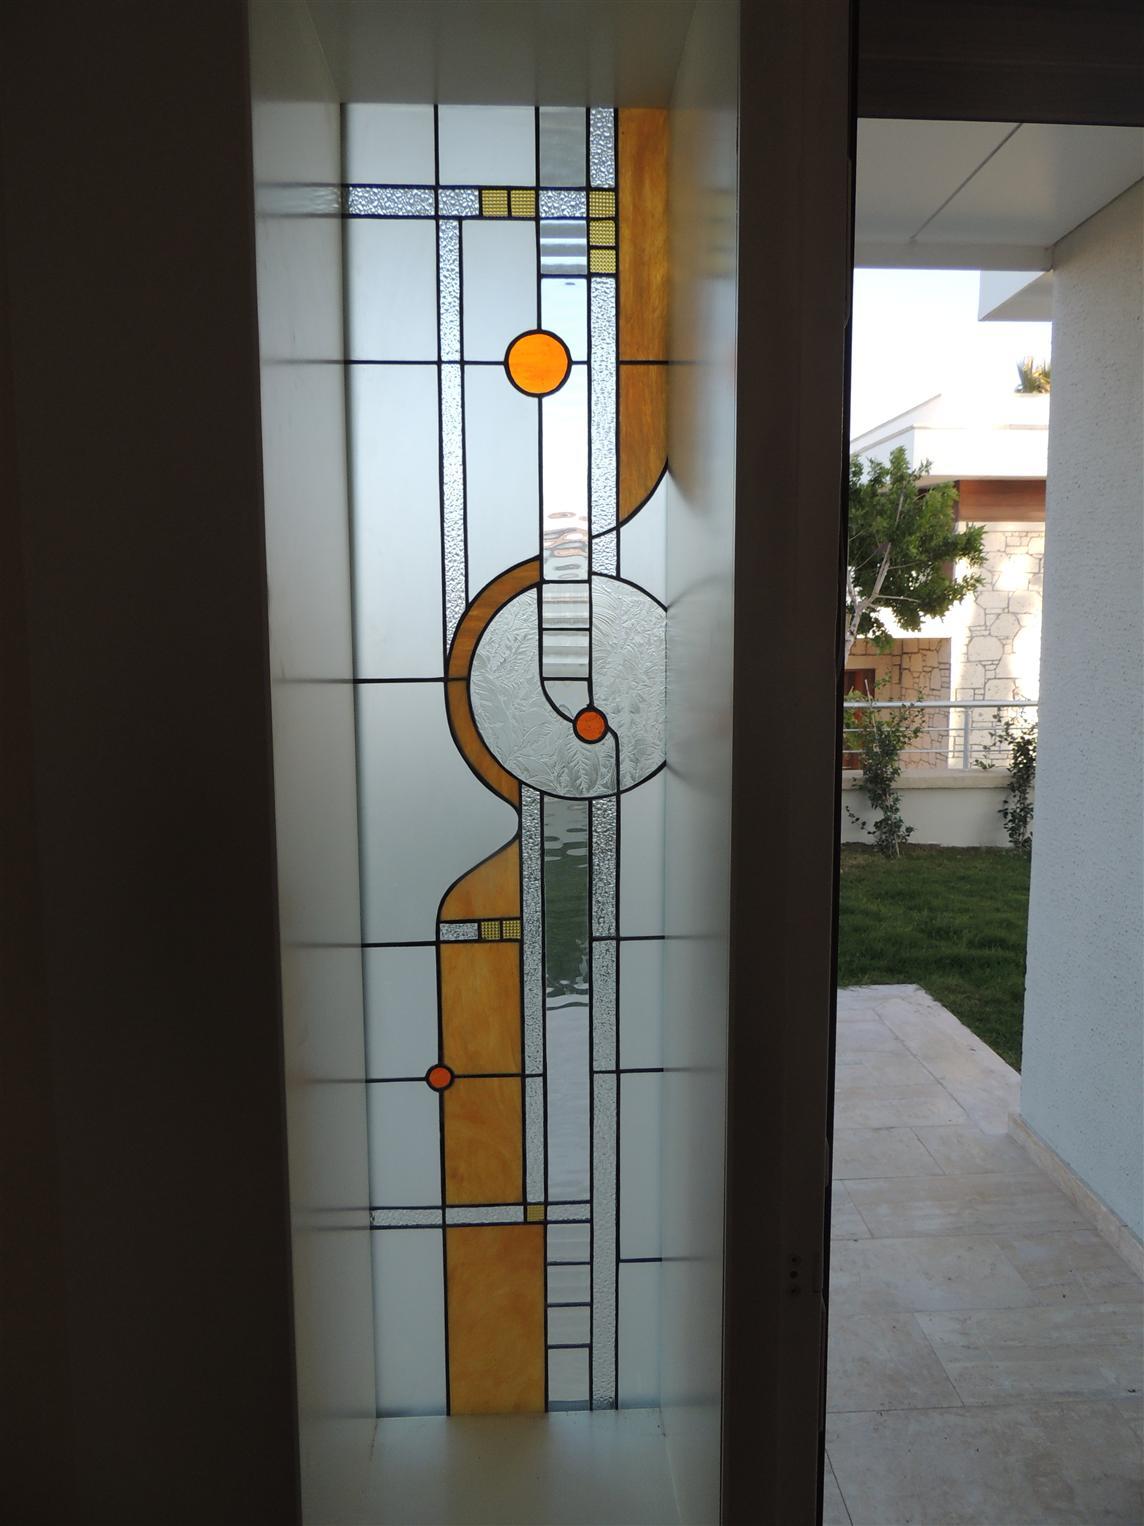 izka-insaat-life-port-evleri2015921164820962.jpg izmir vitray çalışması